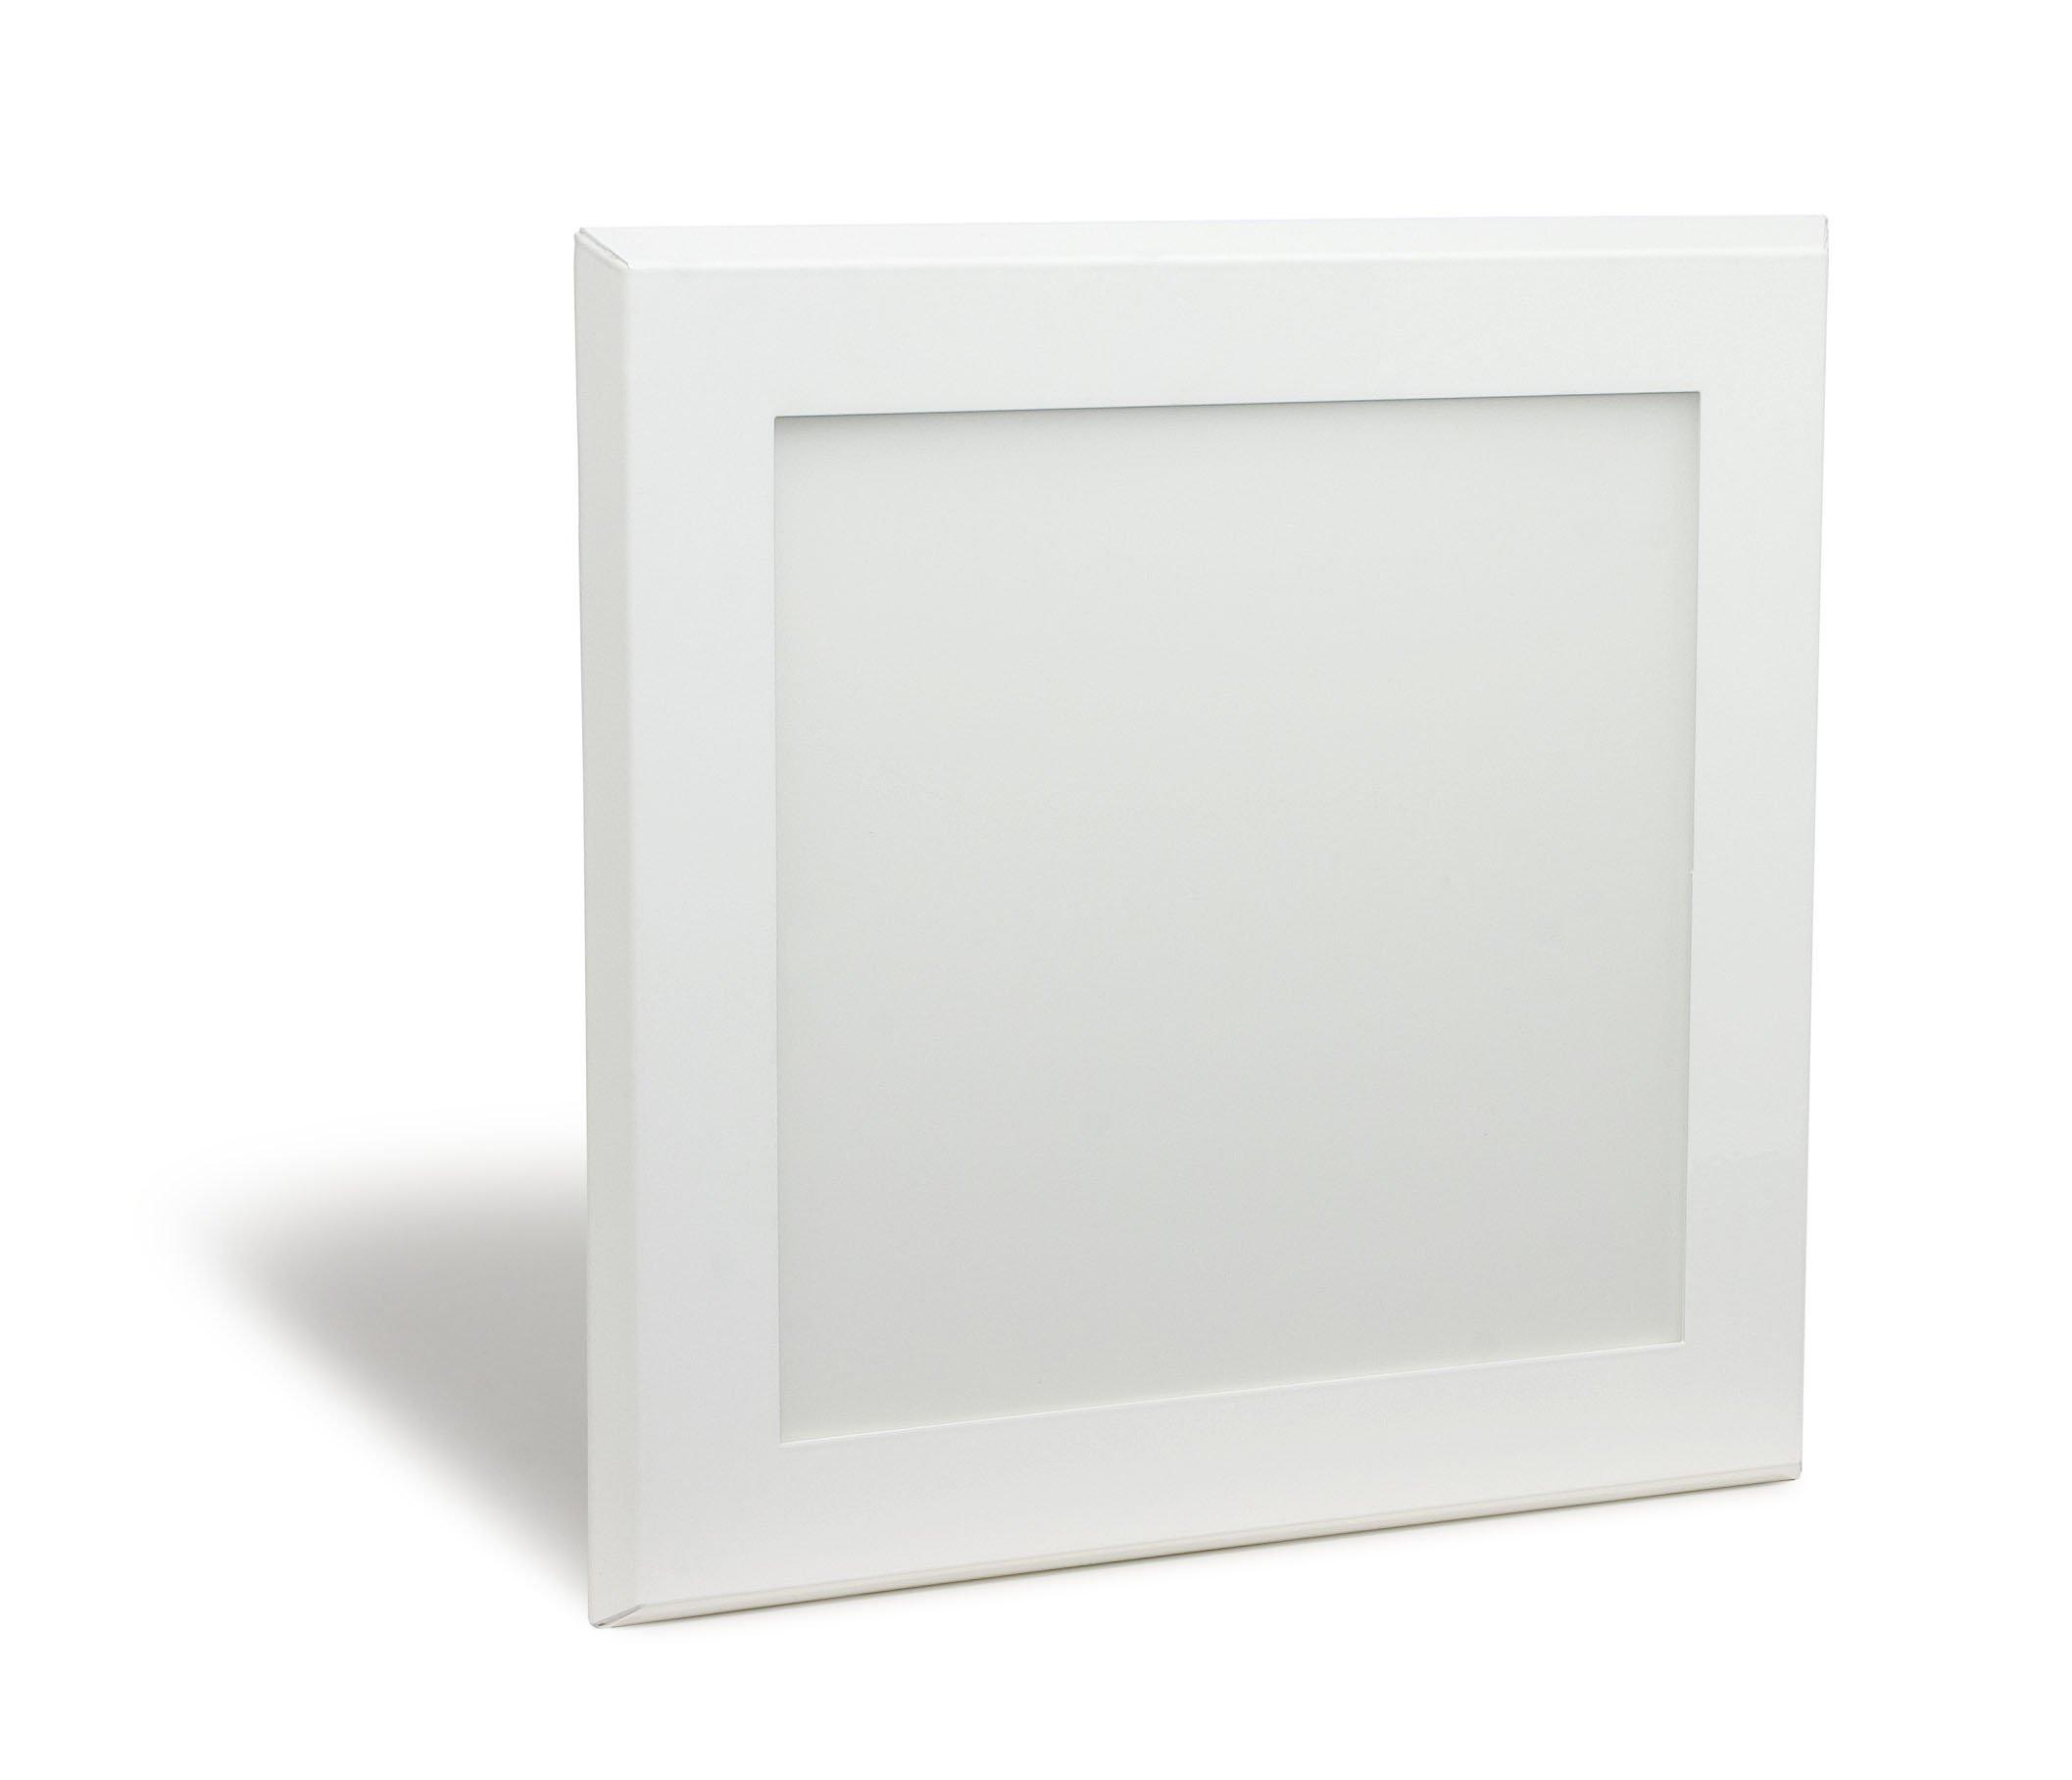 Pixi 1'x1' Ultra Slim Flatlight ™ Edge-lit LED Luminaire 3000K (soft white) 90-130V Dimmable Internal Driver